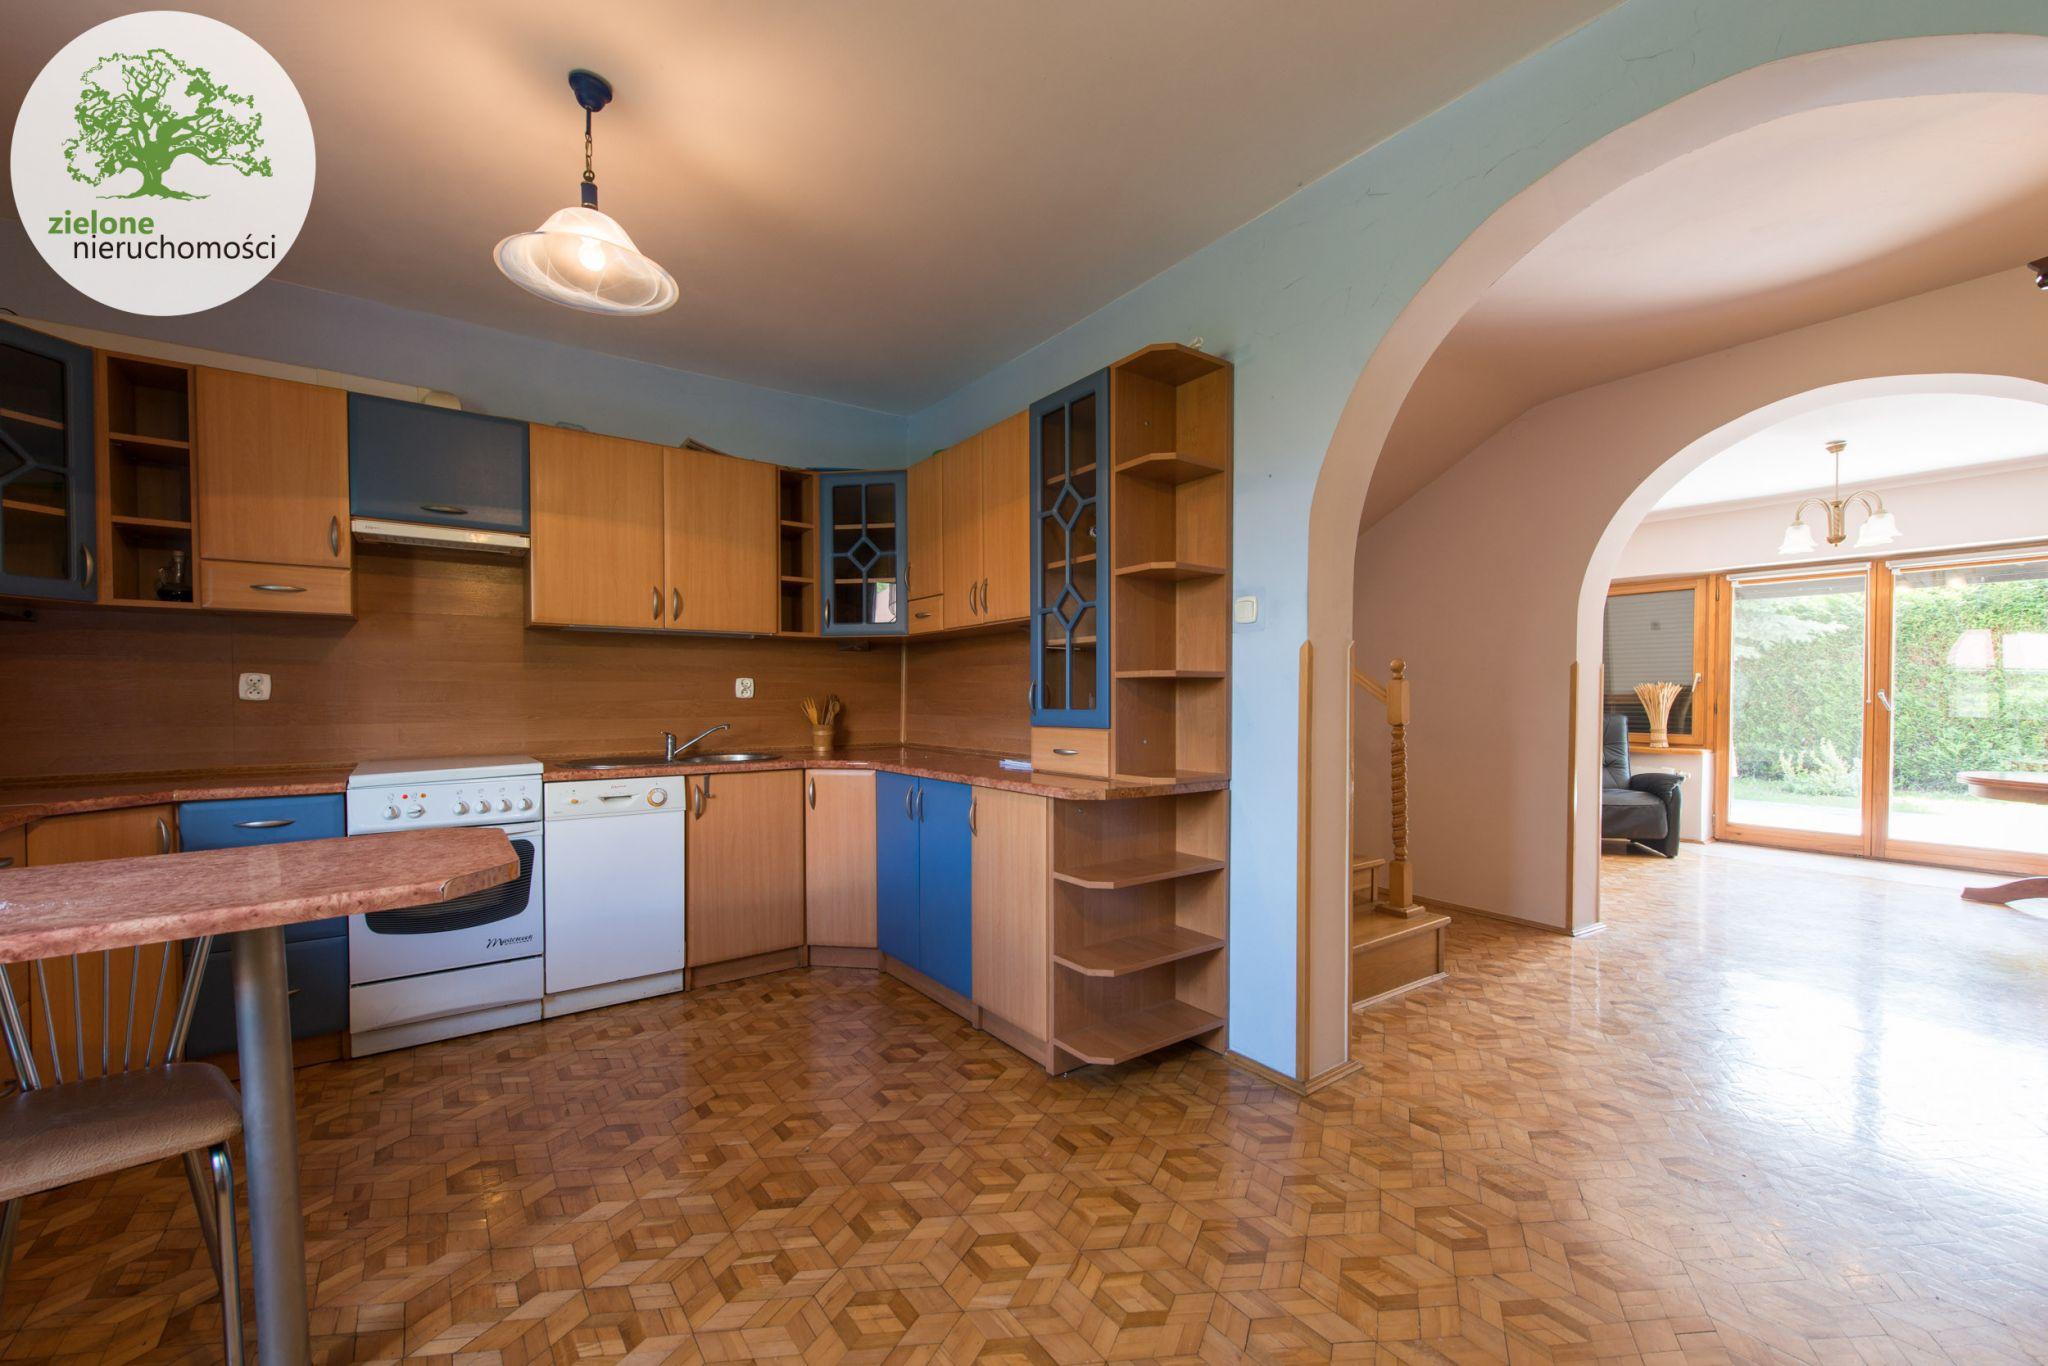 Zdjęcie 512 pokoi, dom dla dużej rodziny lub na firmę